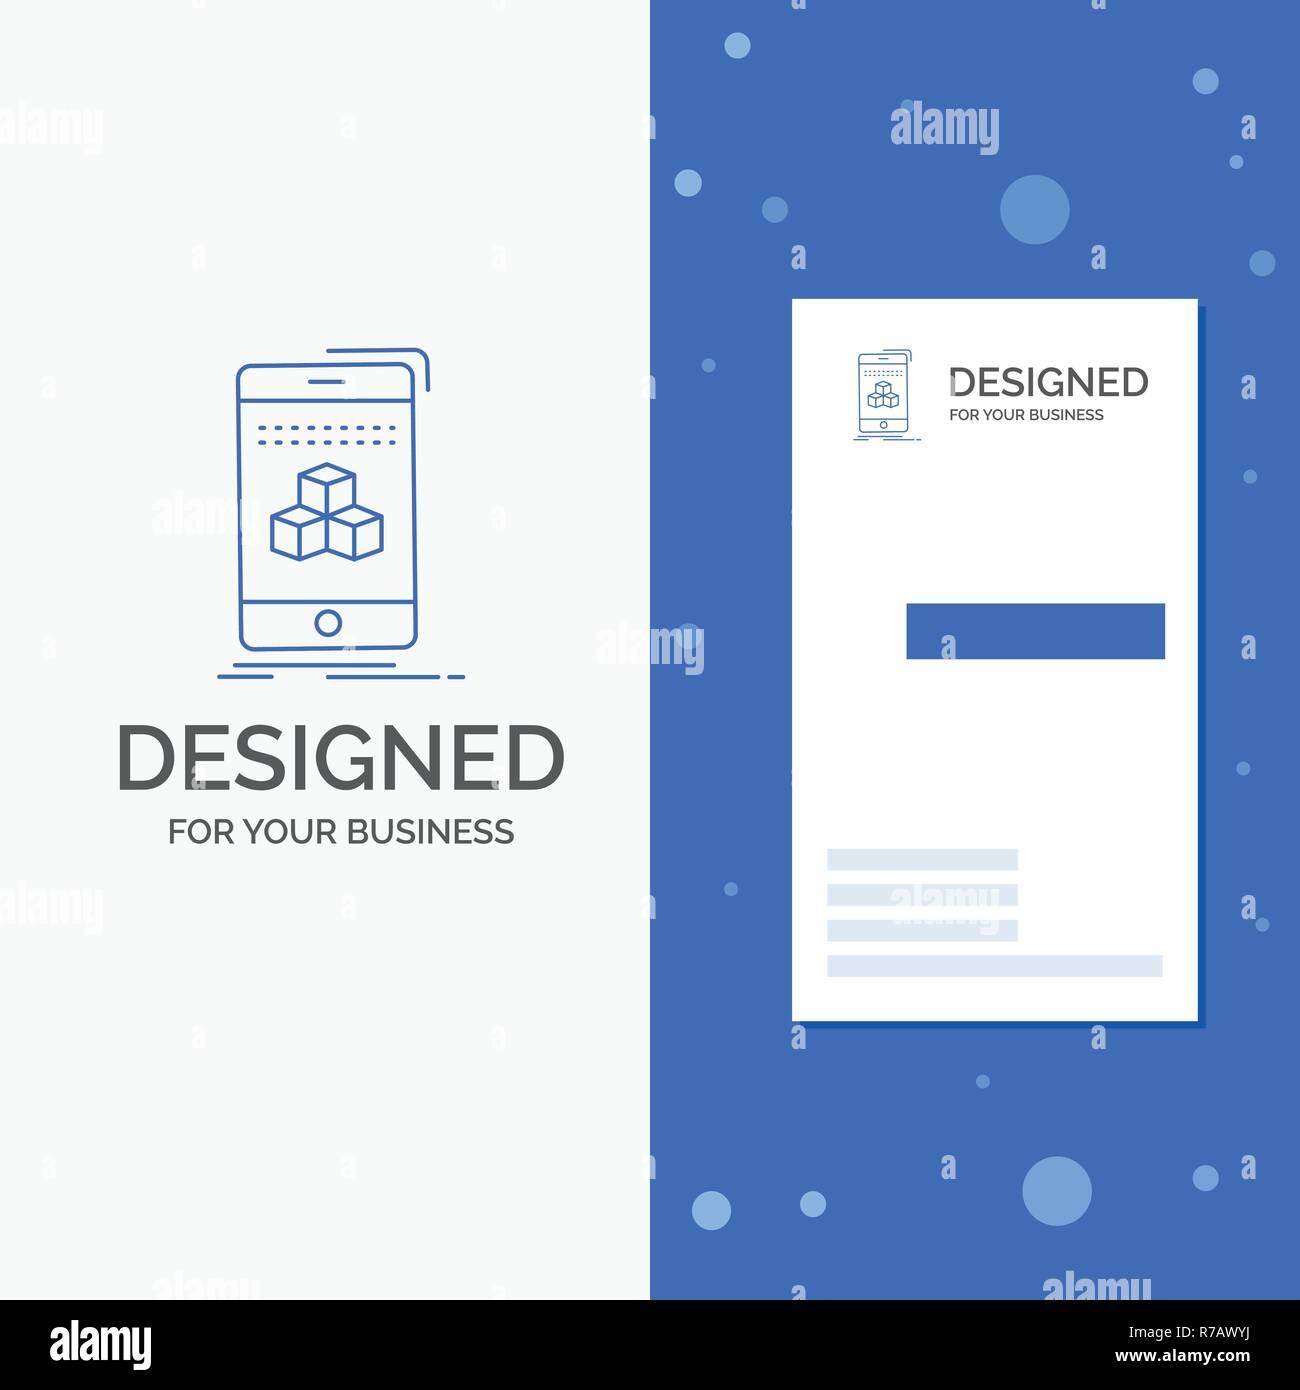 Logo Dentreprise Pour La Case 3d Cube Smartphone Produit Bleu Vertical Affaires Modele De Carte Visite